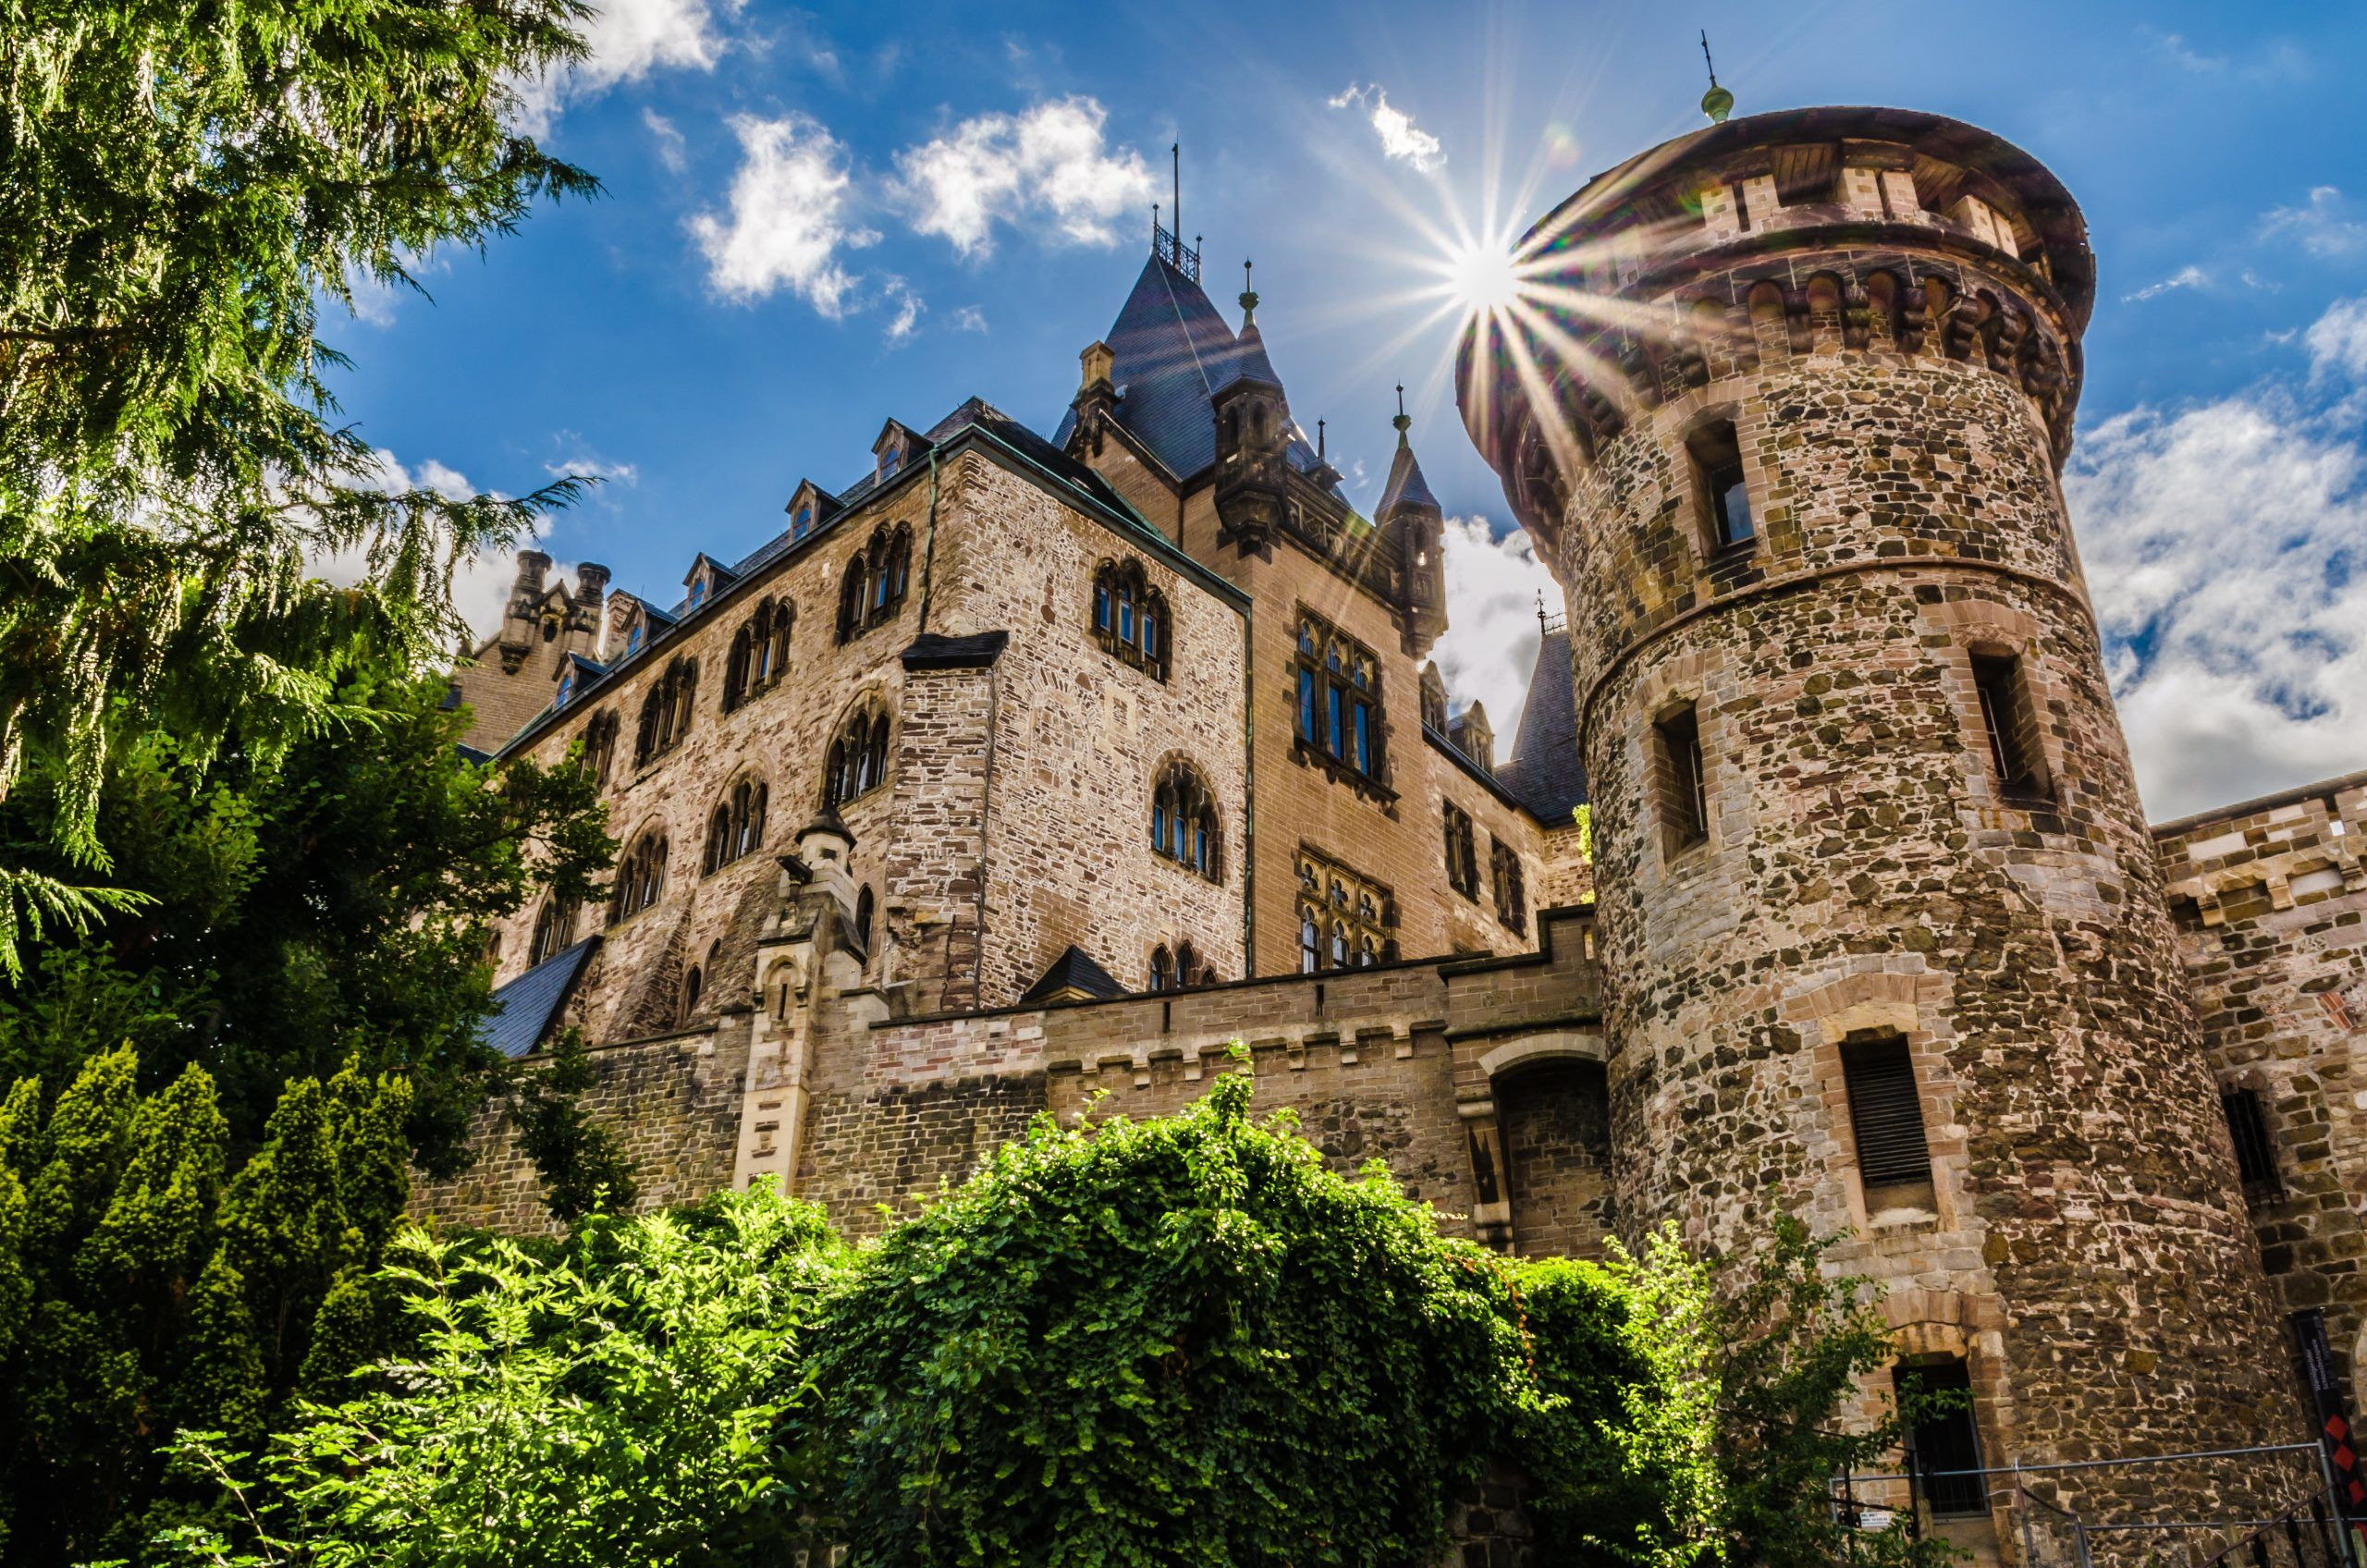 Urlaub in Wernigerode – Deutschland von seiner schönsten Seite